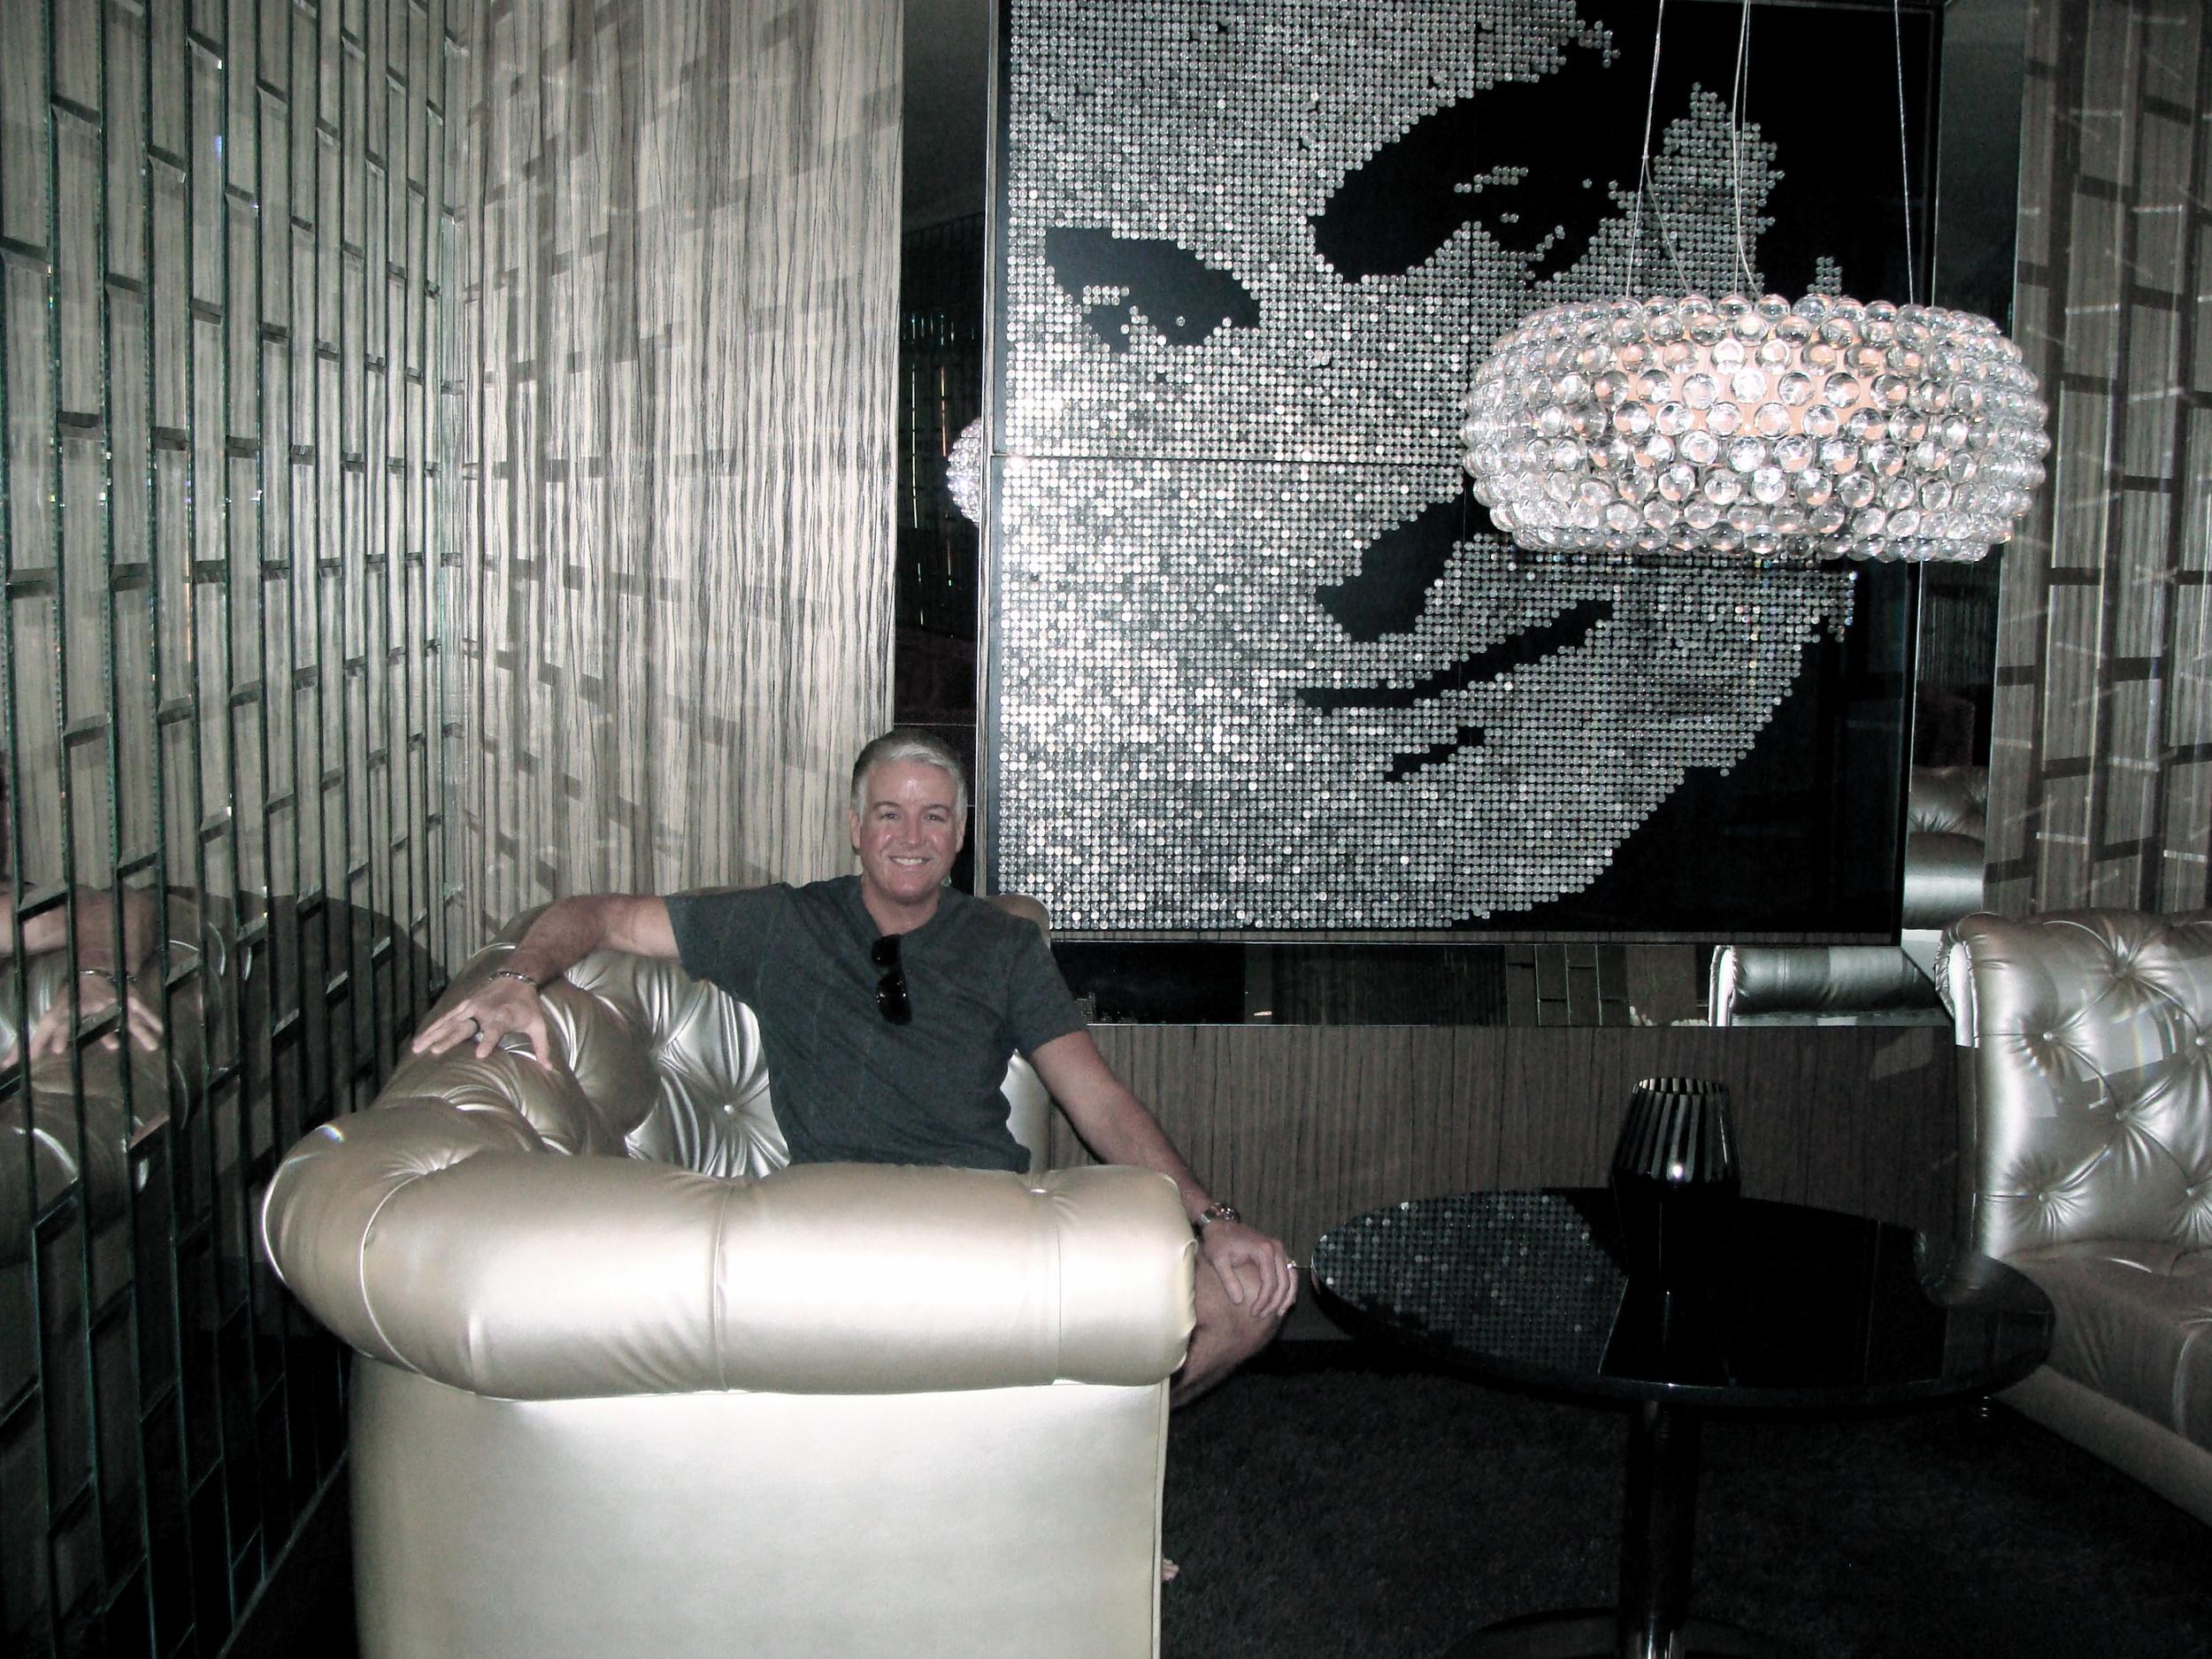 Michael Newsom